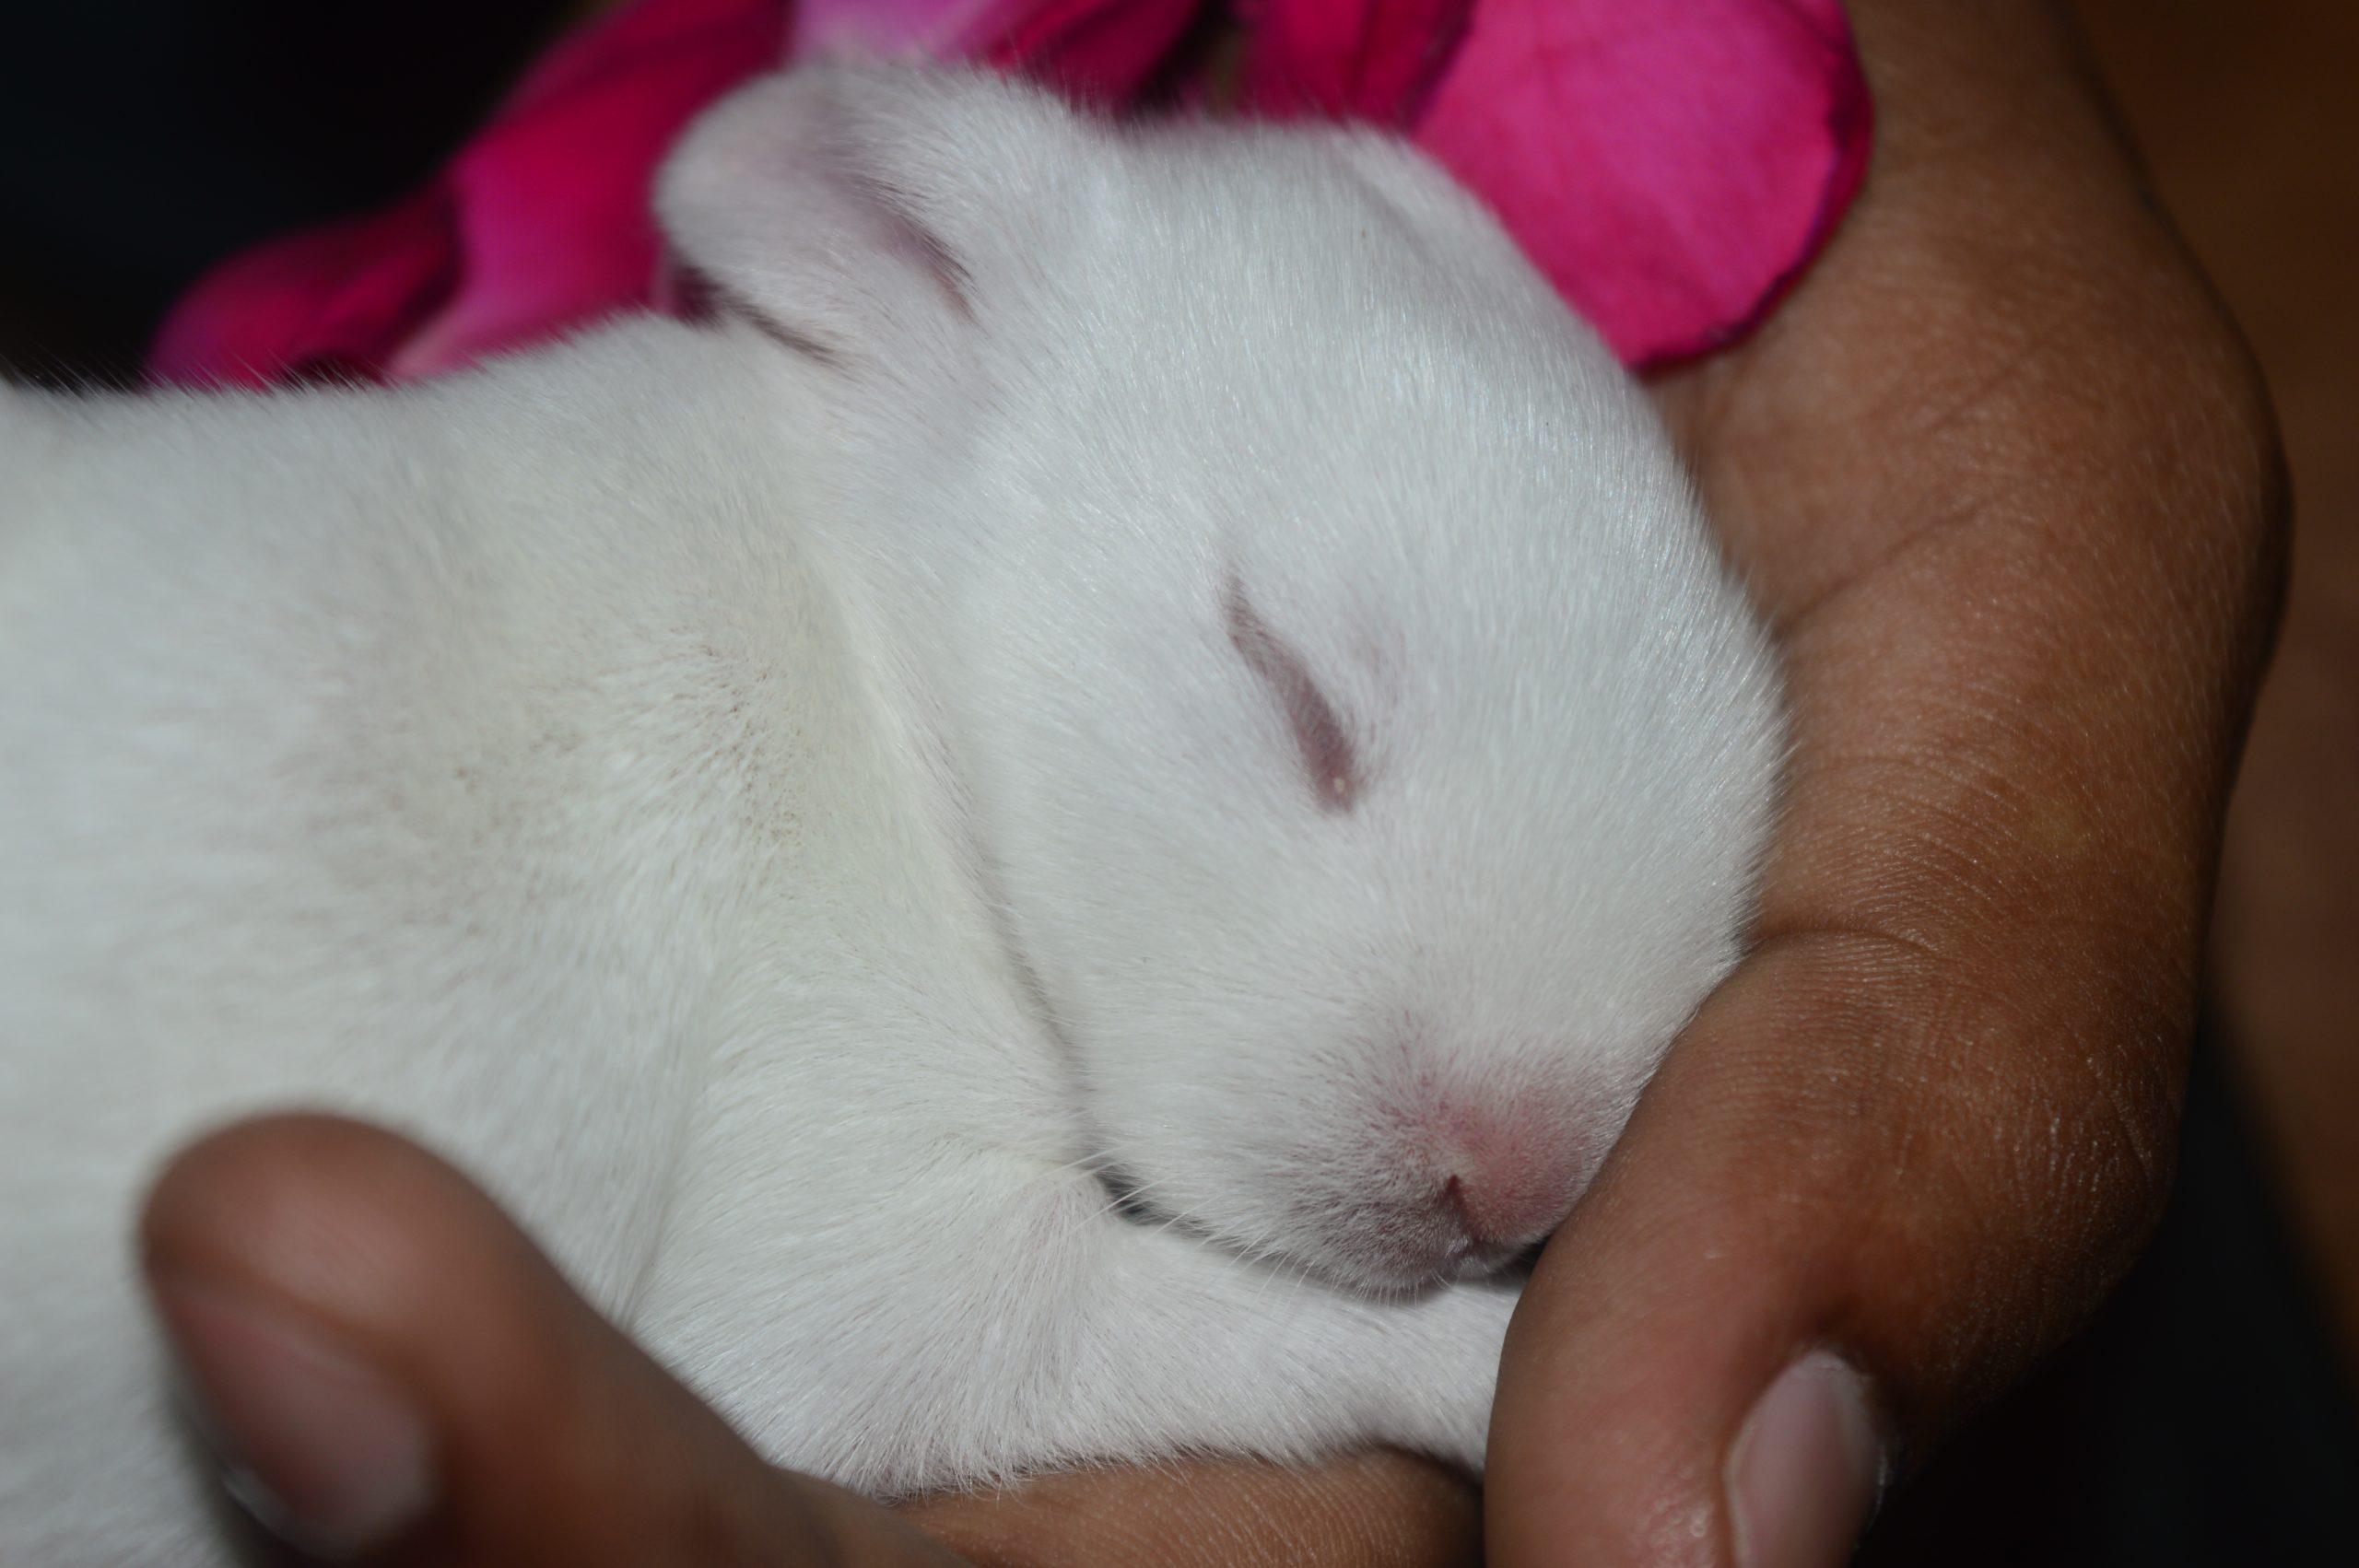 A kitten resting in hand